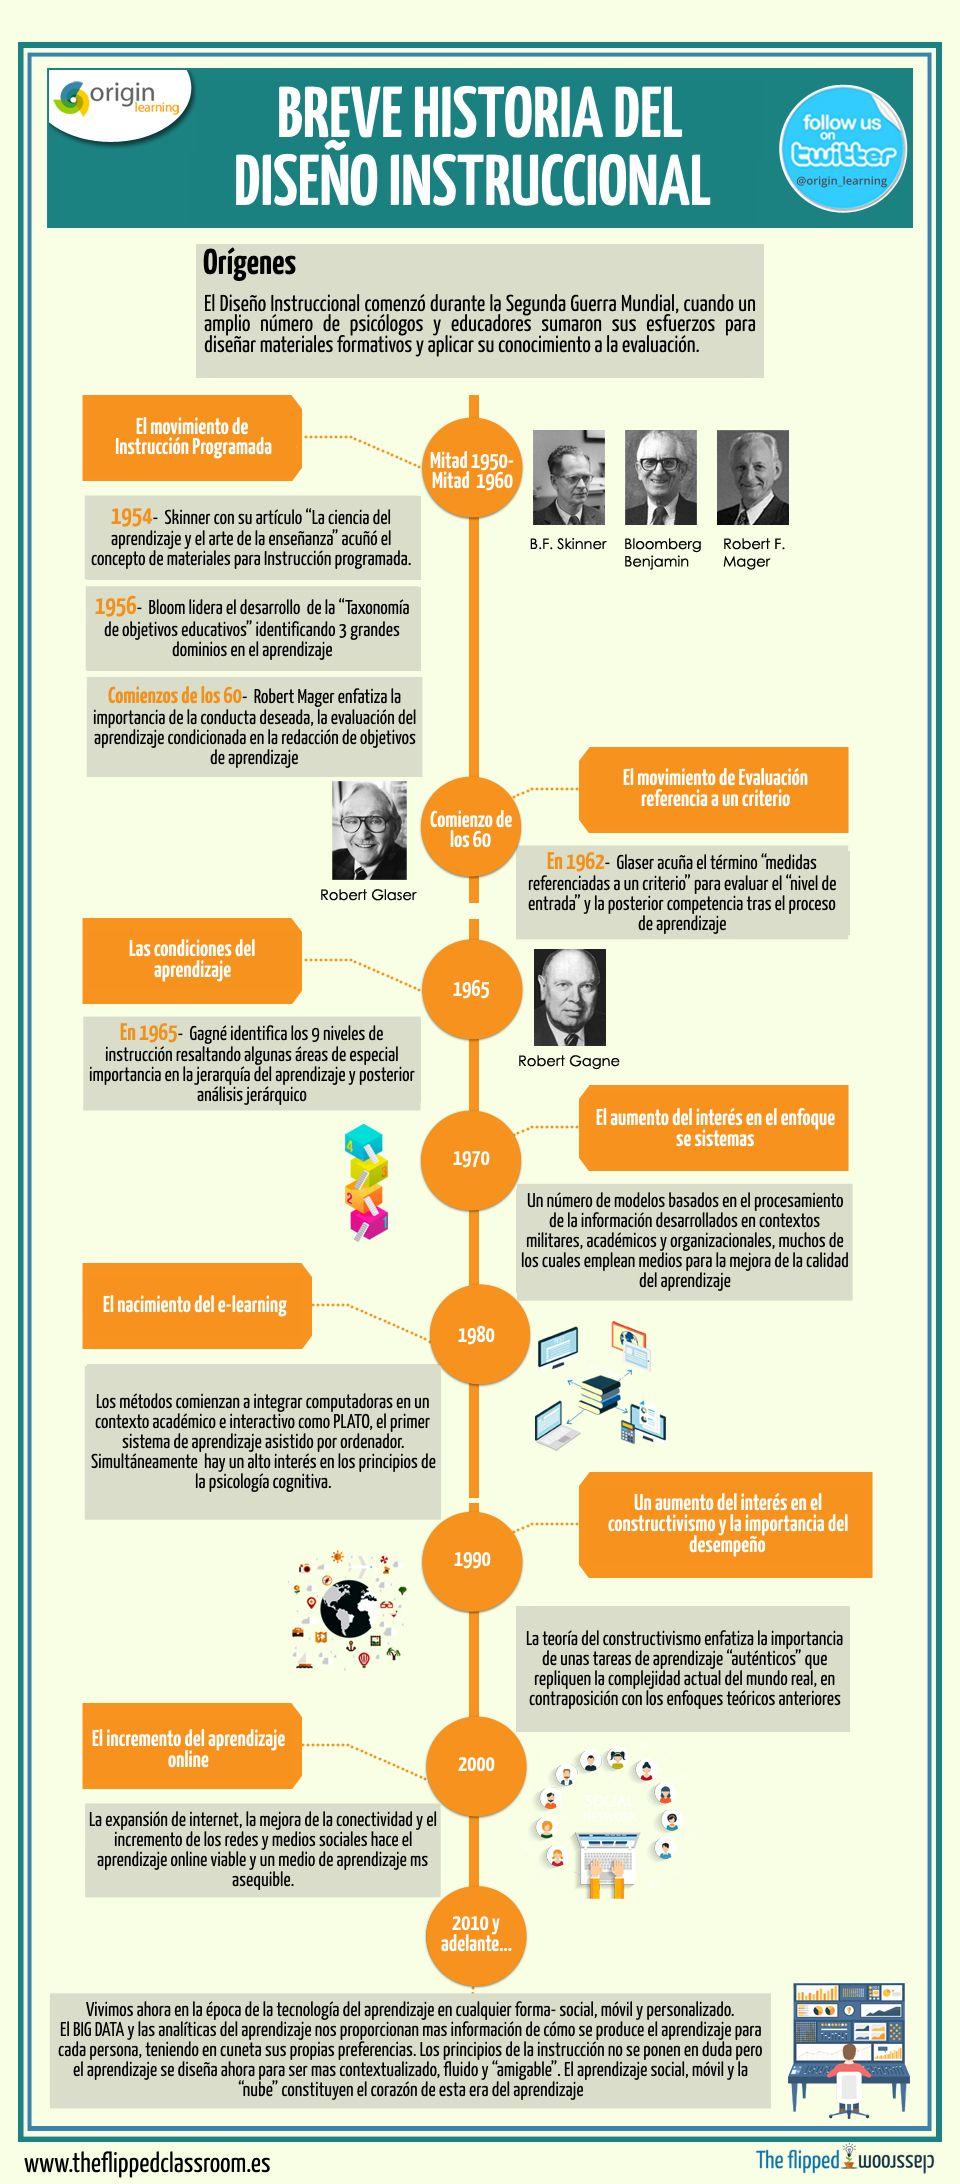 Historia del diseño instruccional | Diseño | Pinterest | History